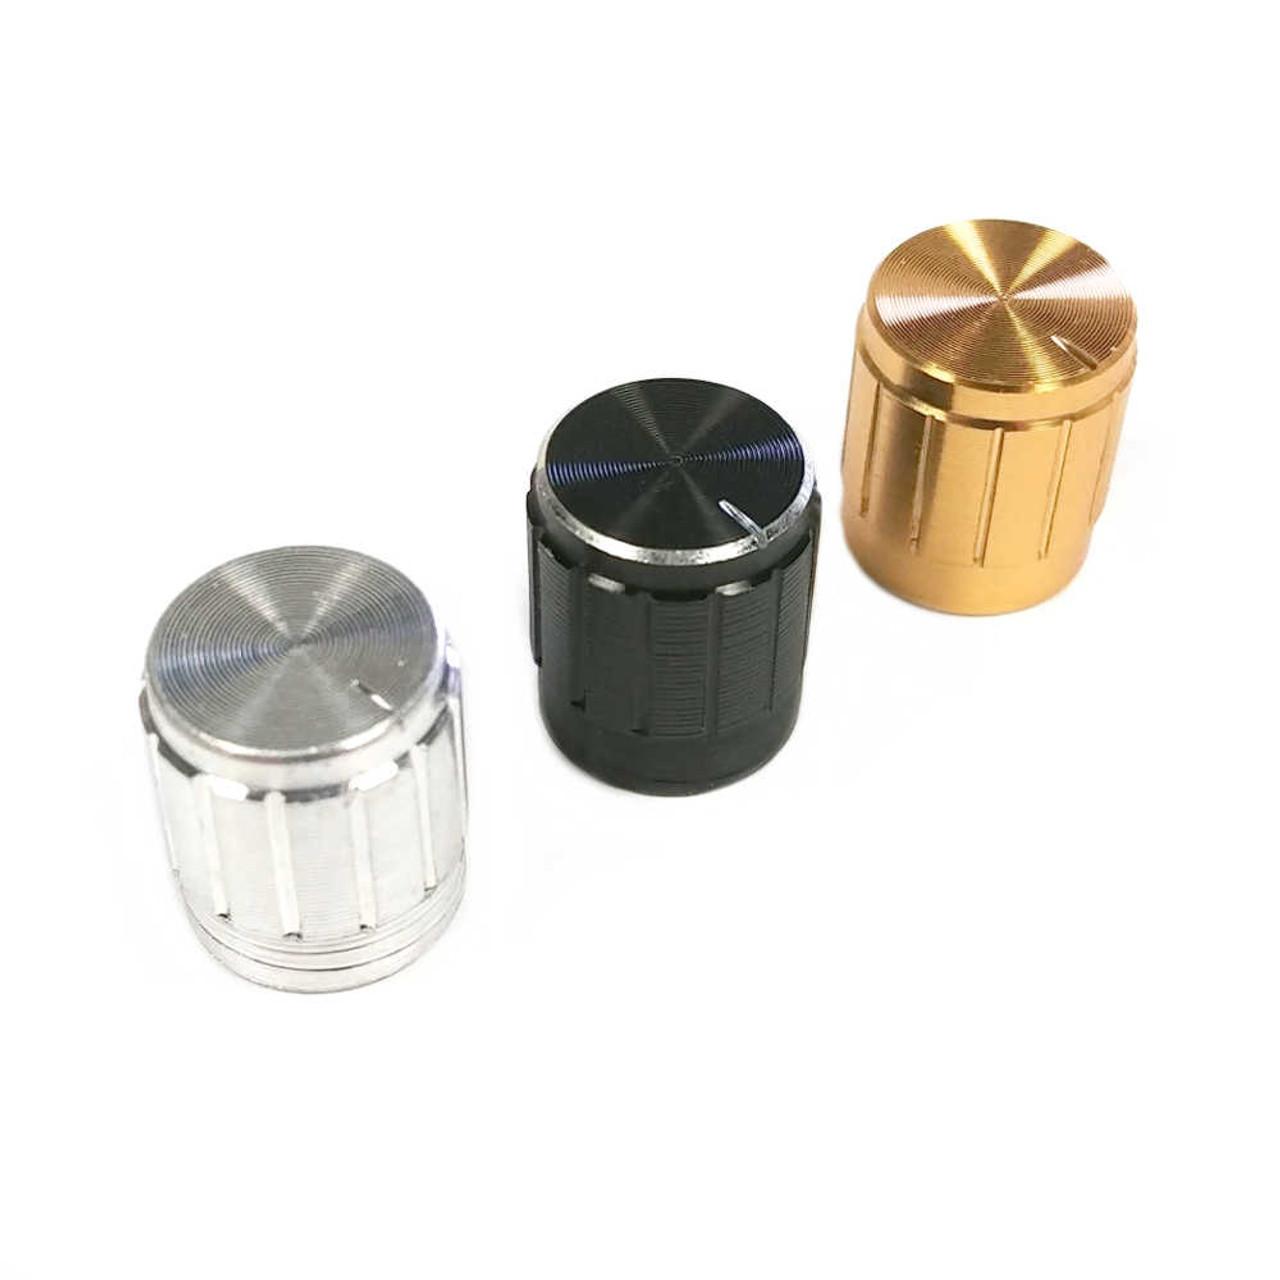 Aluminum Knob - Medium (choose colour)